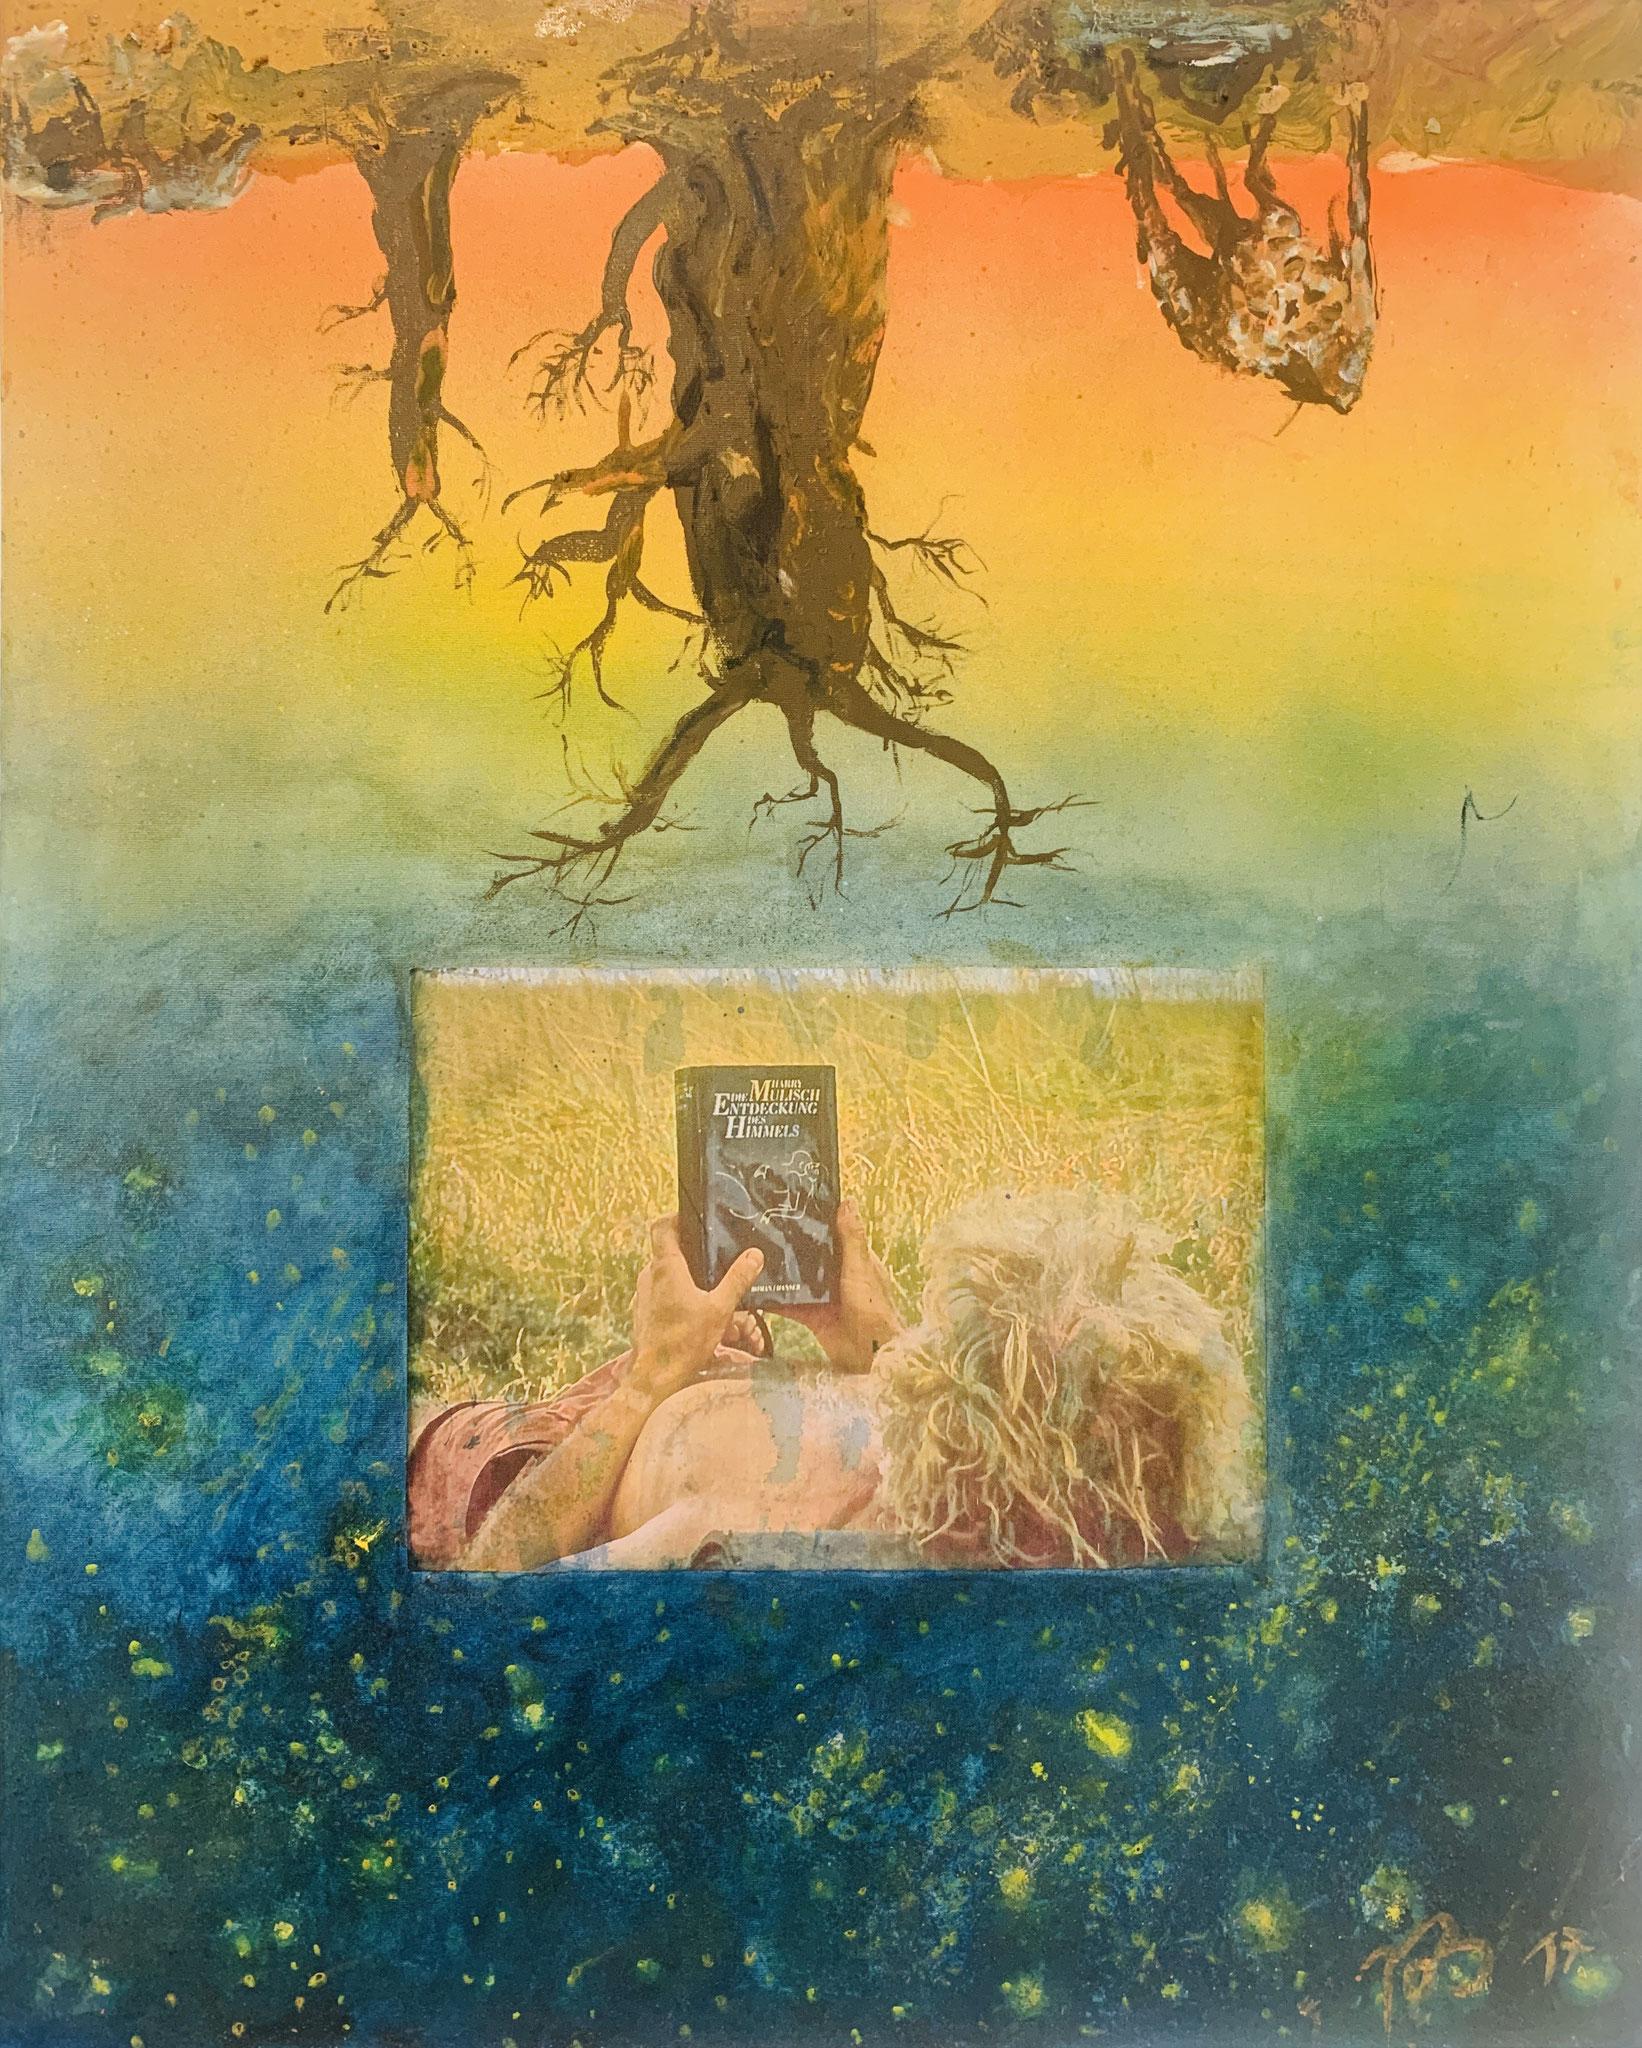 43. Reimund O. Boderke, Entdeckung des Himmels oder Selbst im Wüstenhimmel, Collage mit Foto, Spray und Ölfarbe, 800 x 1000 mm, 2017, 2.200 €